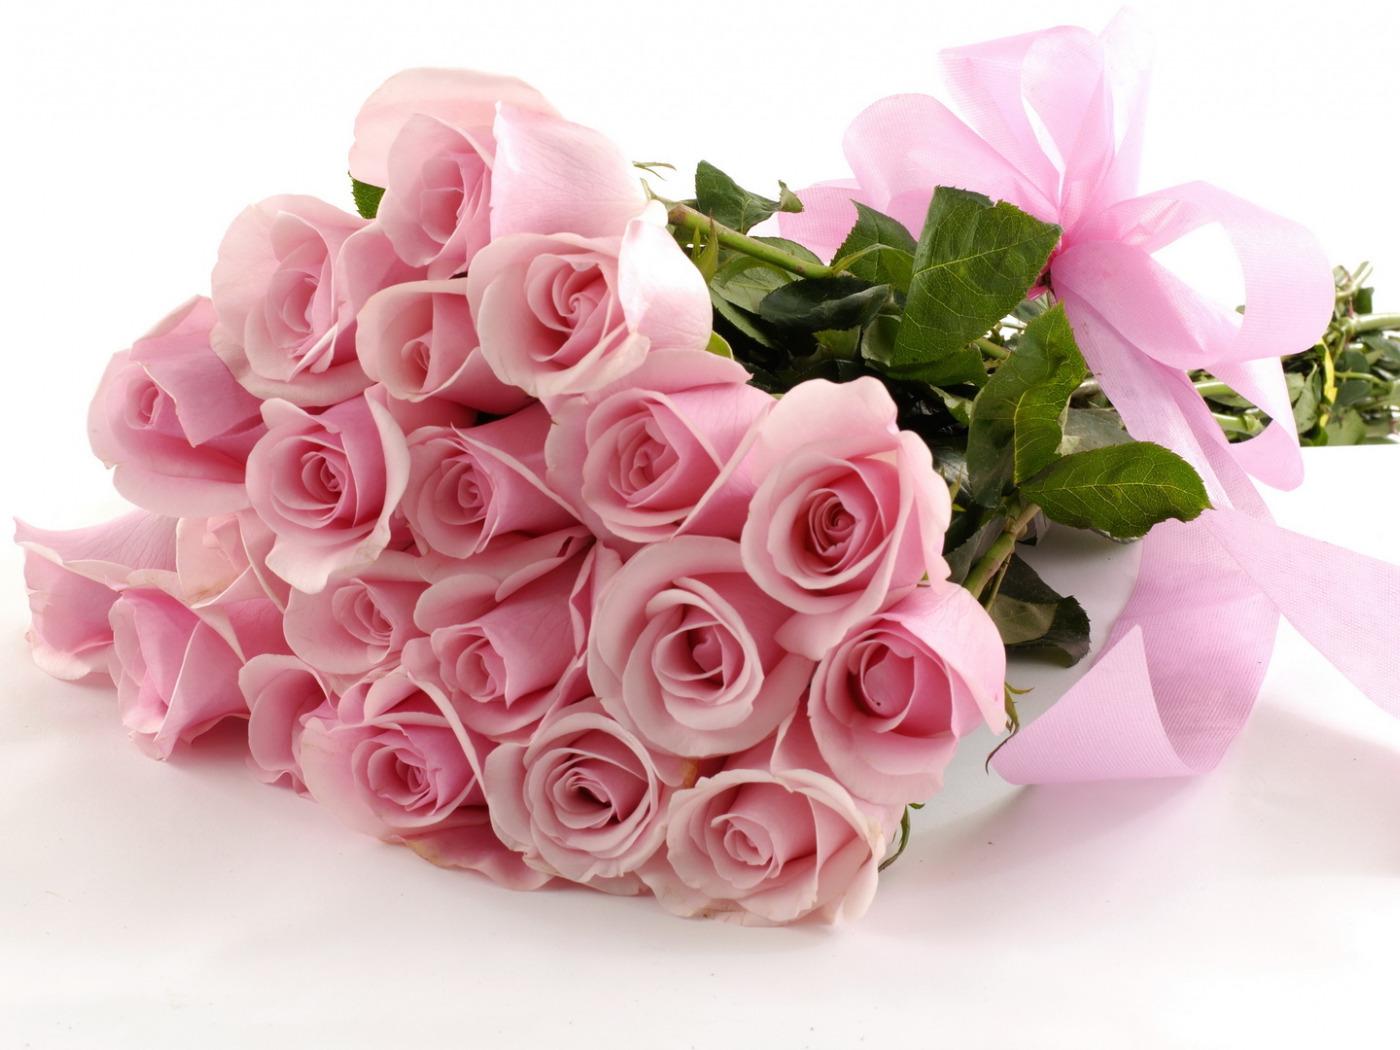 Открытка цветок для поздравления, картинки подписями